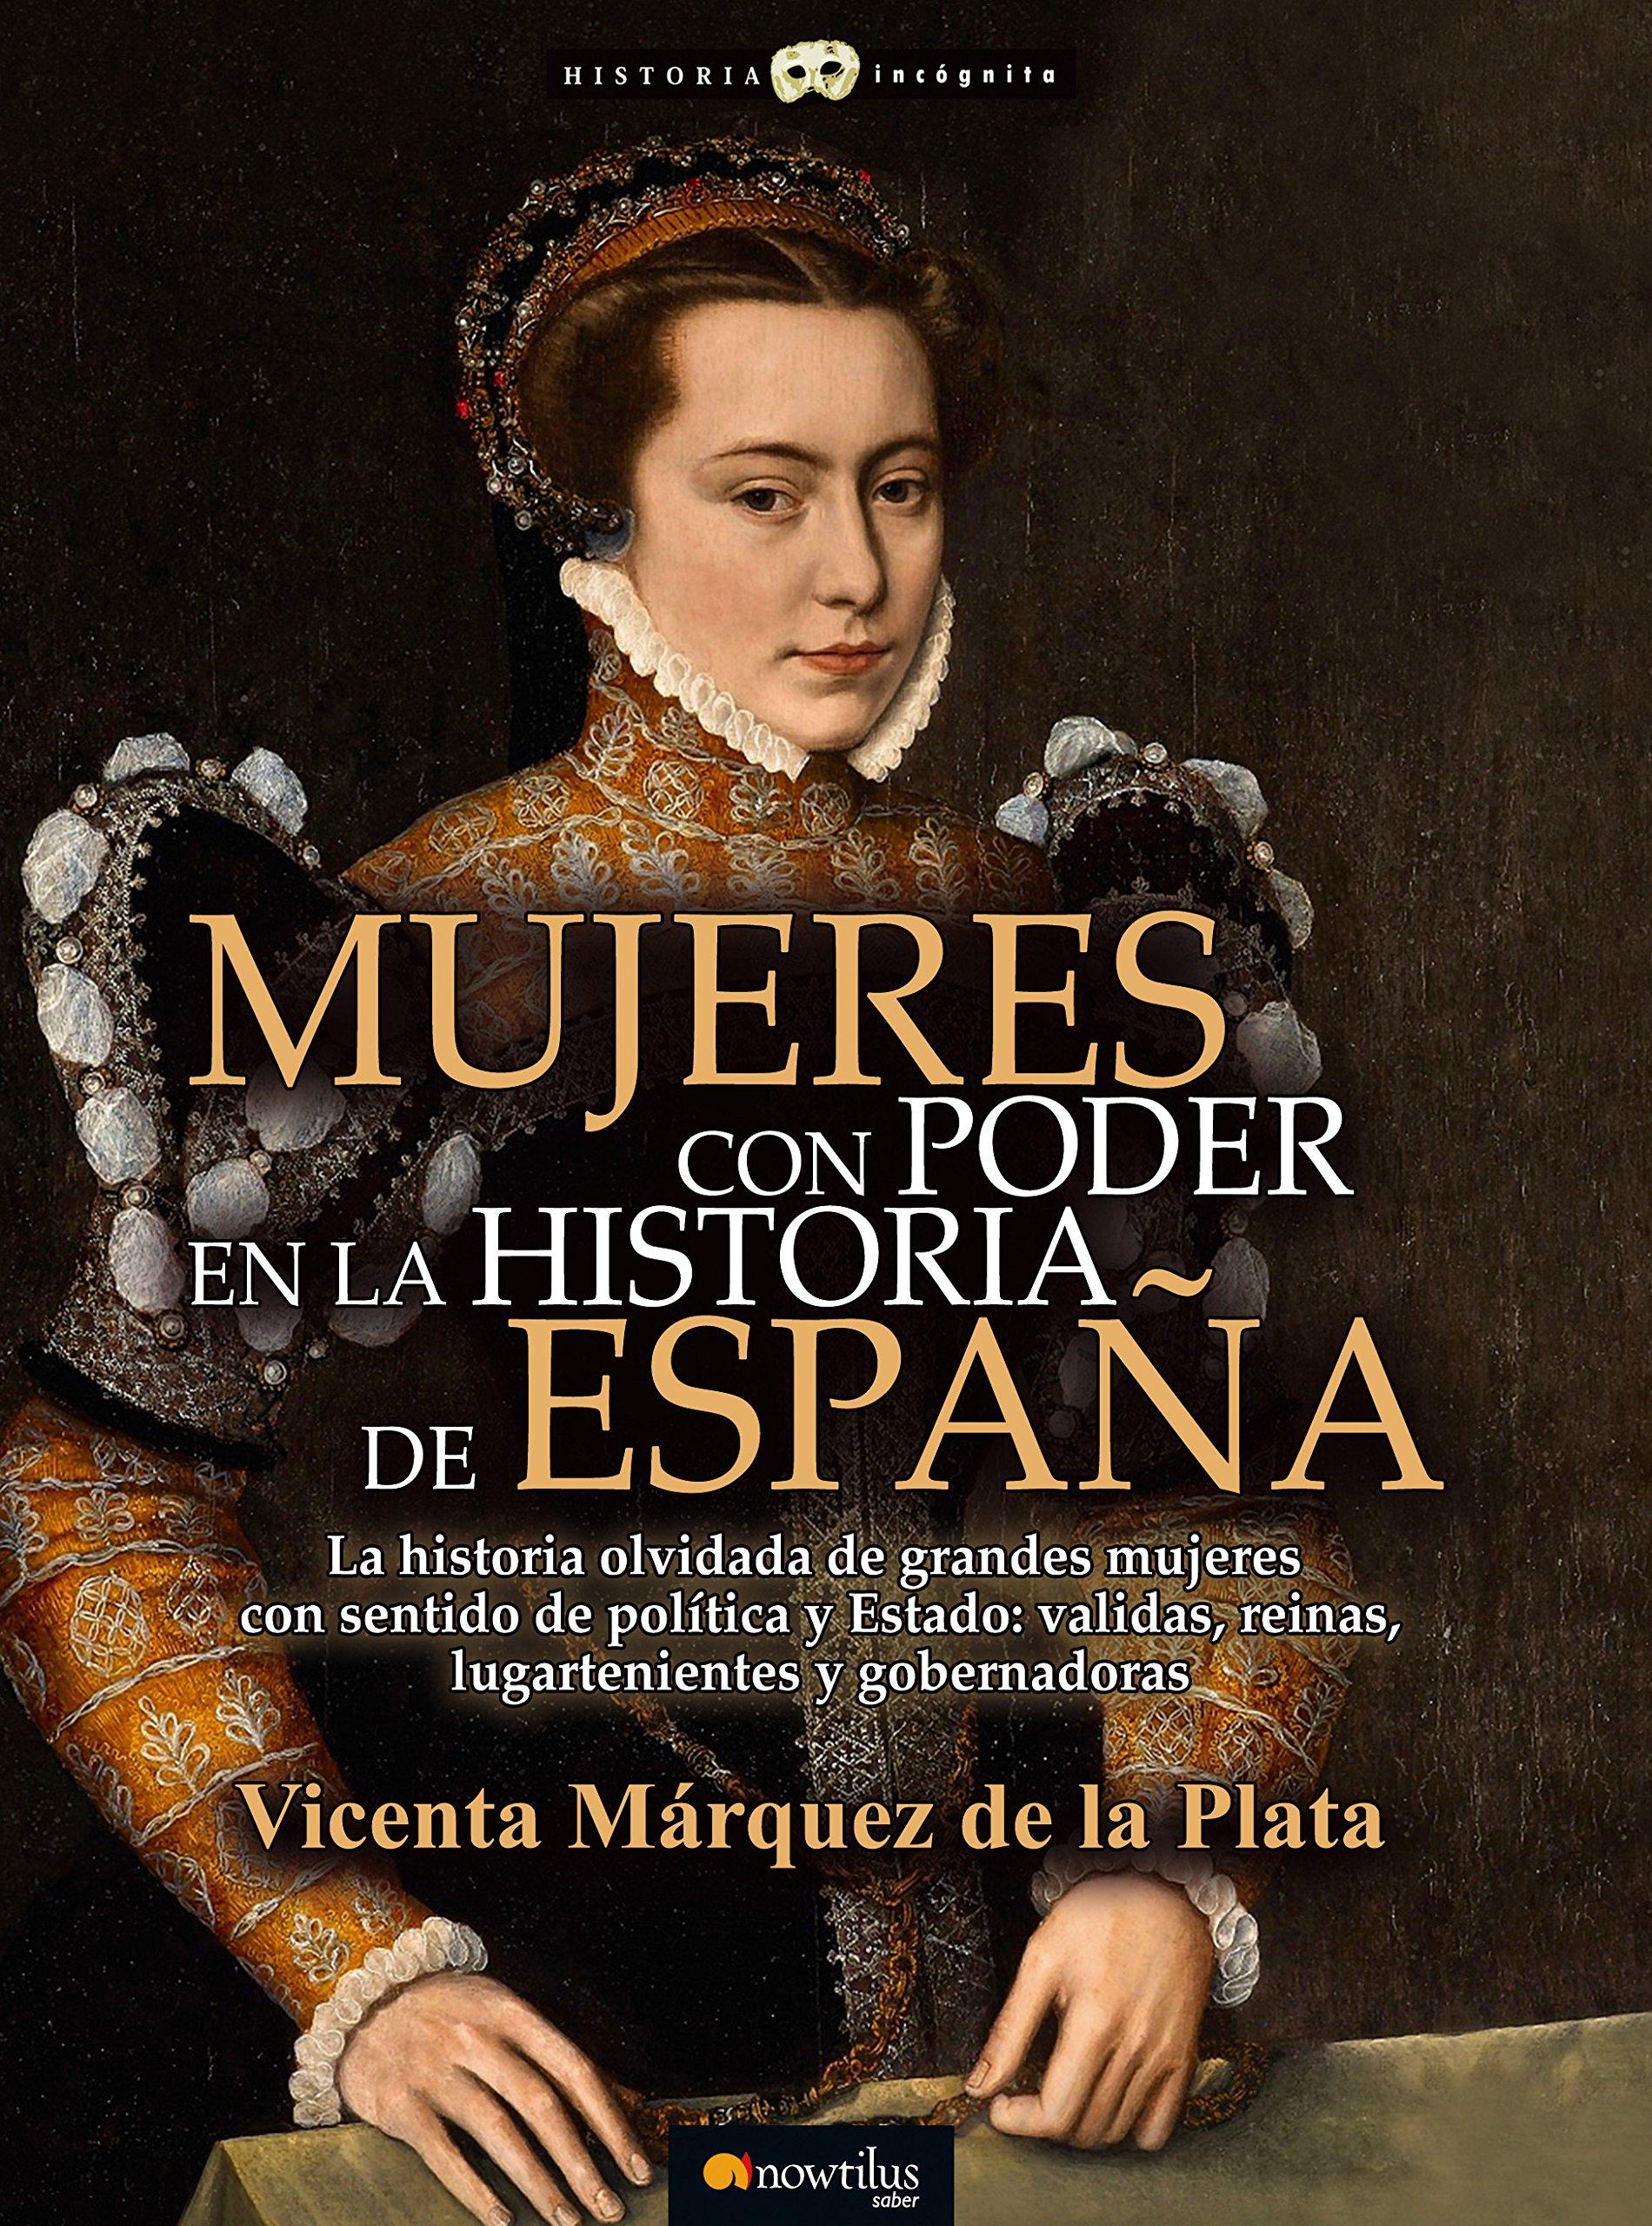 Mujeres con poder en la historia de España Historia Incógnita ...